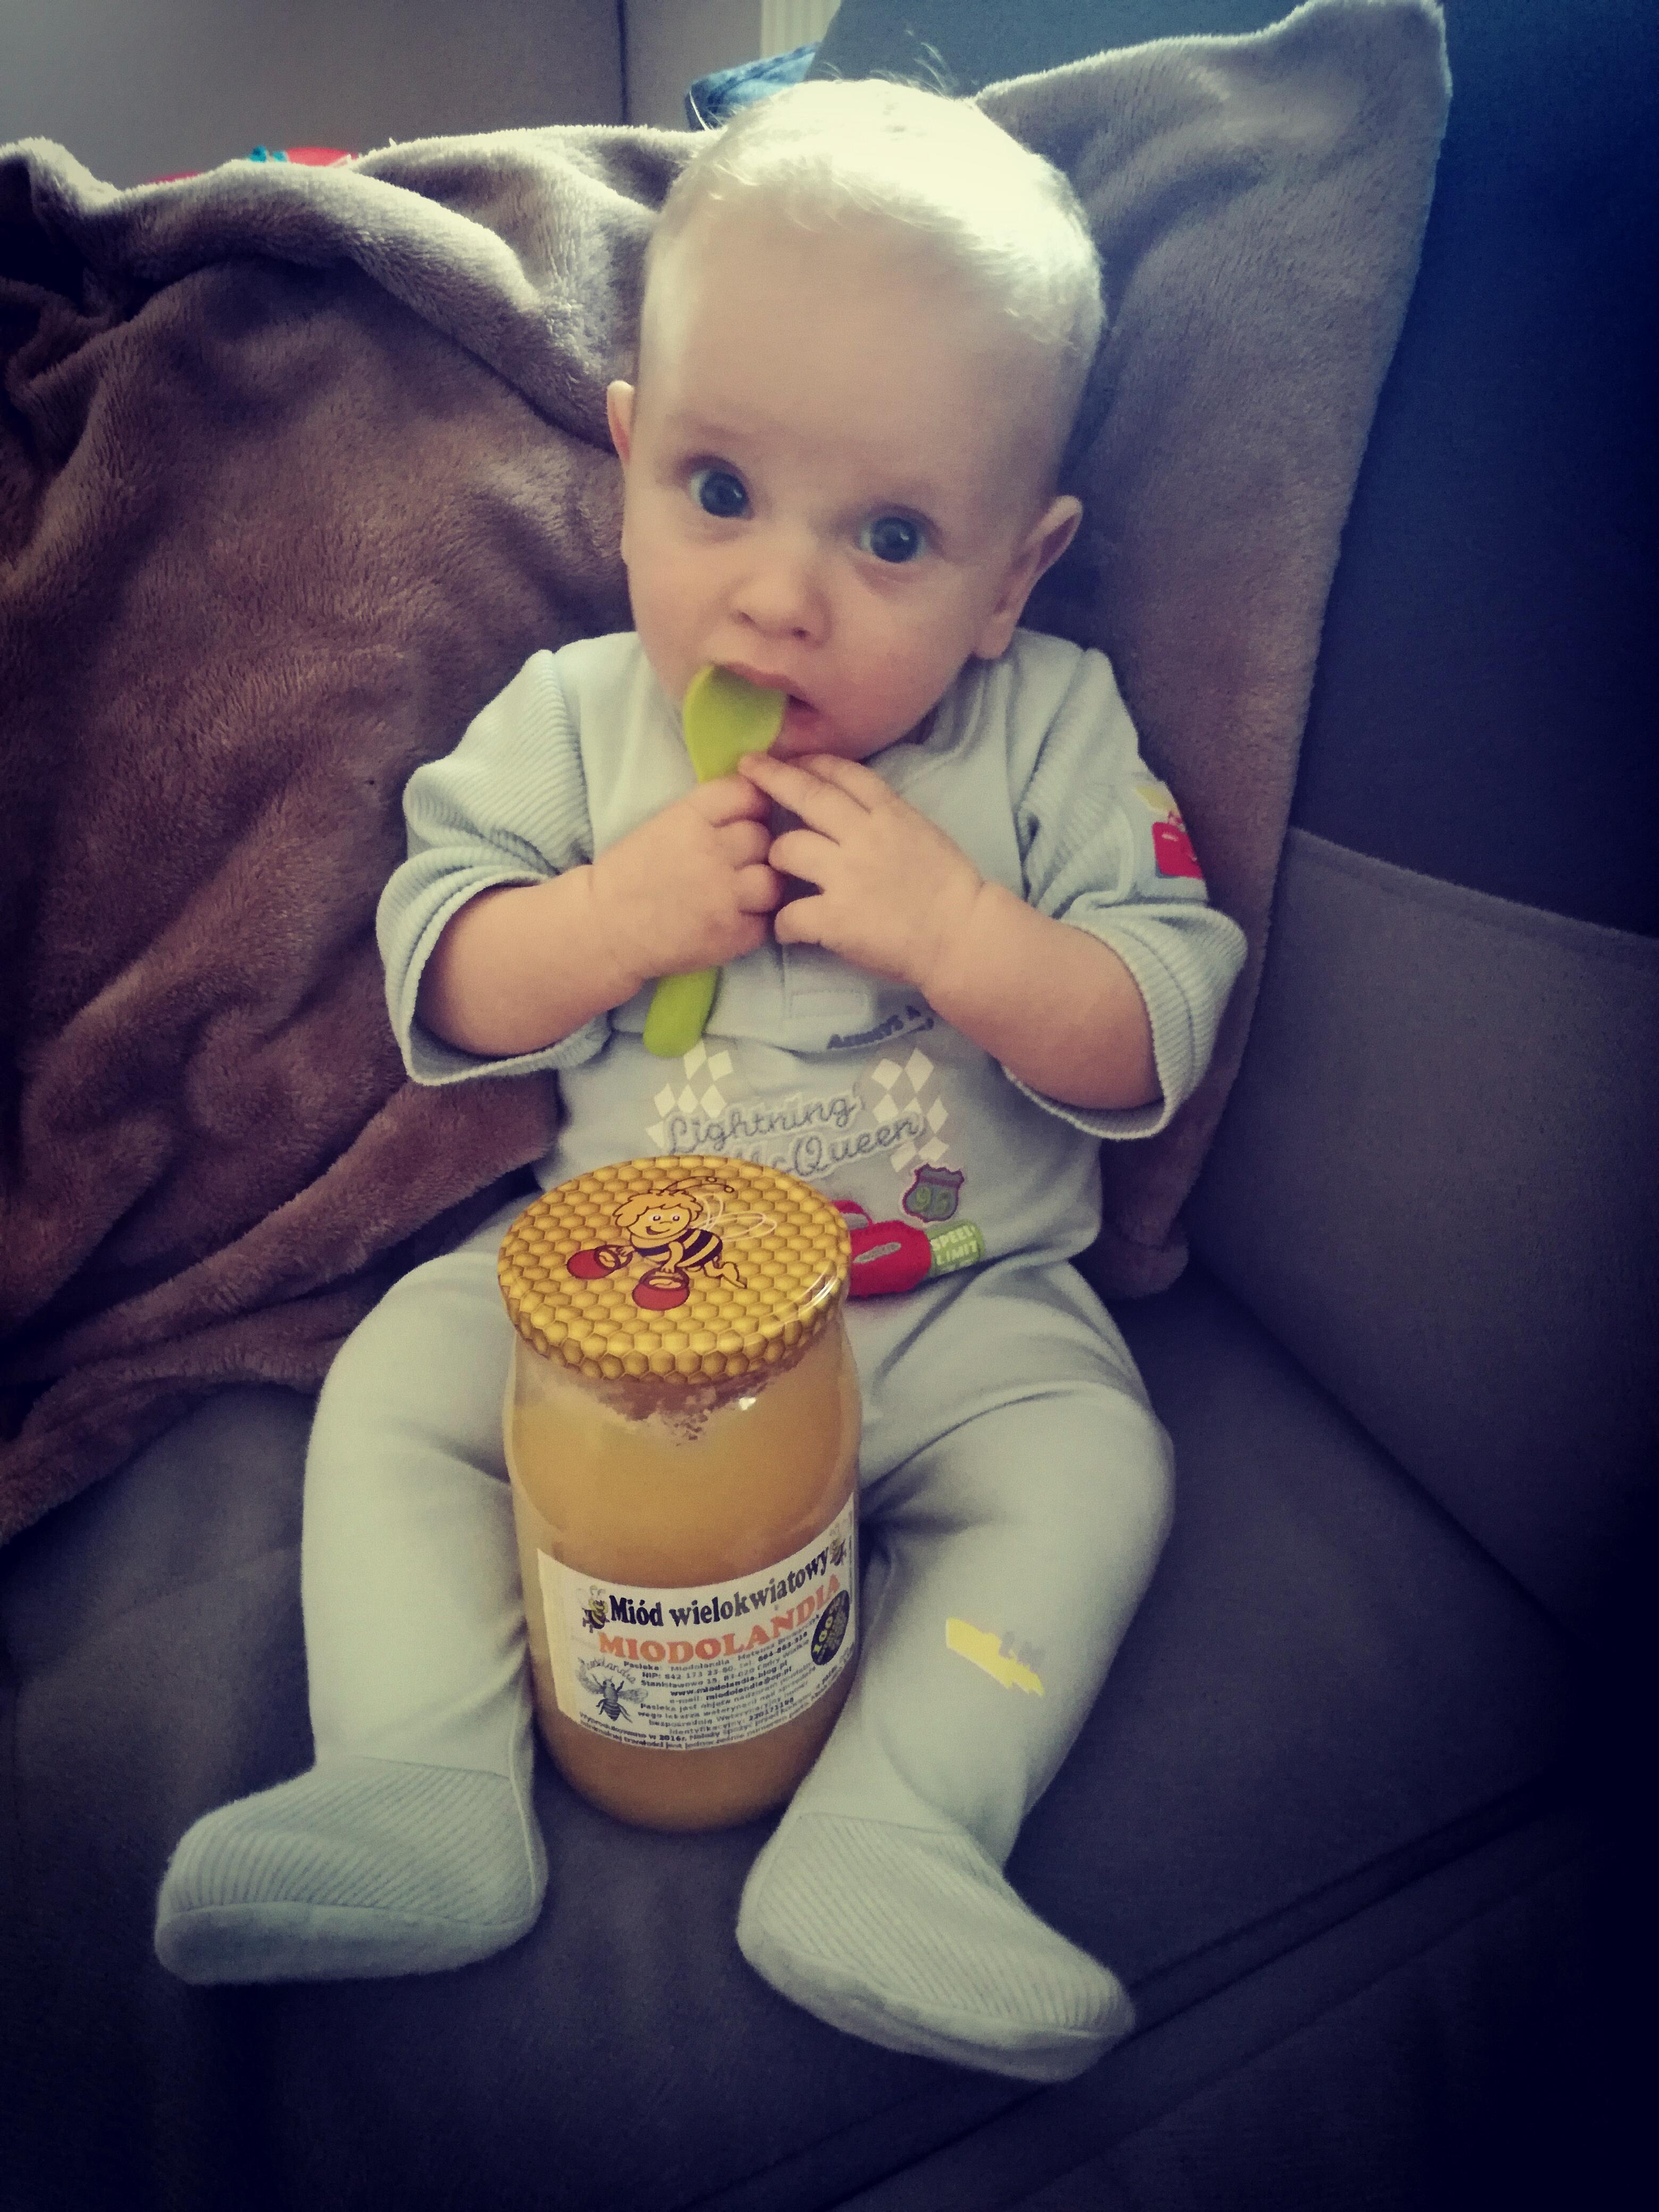 Czy podawać małym dzieciom produkty pszczele?